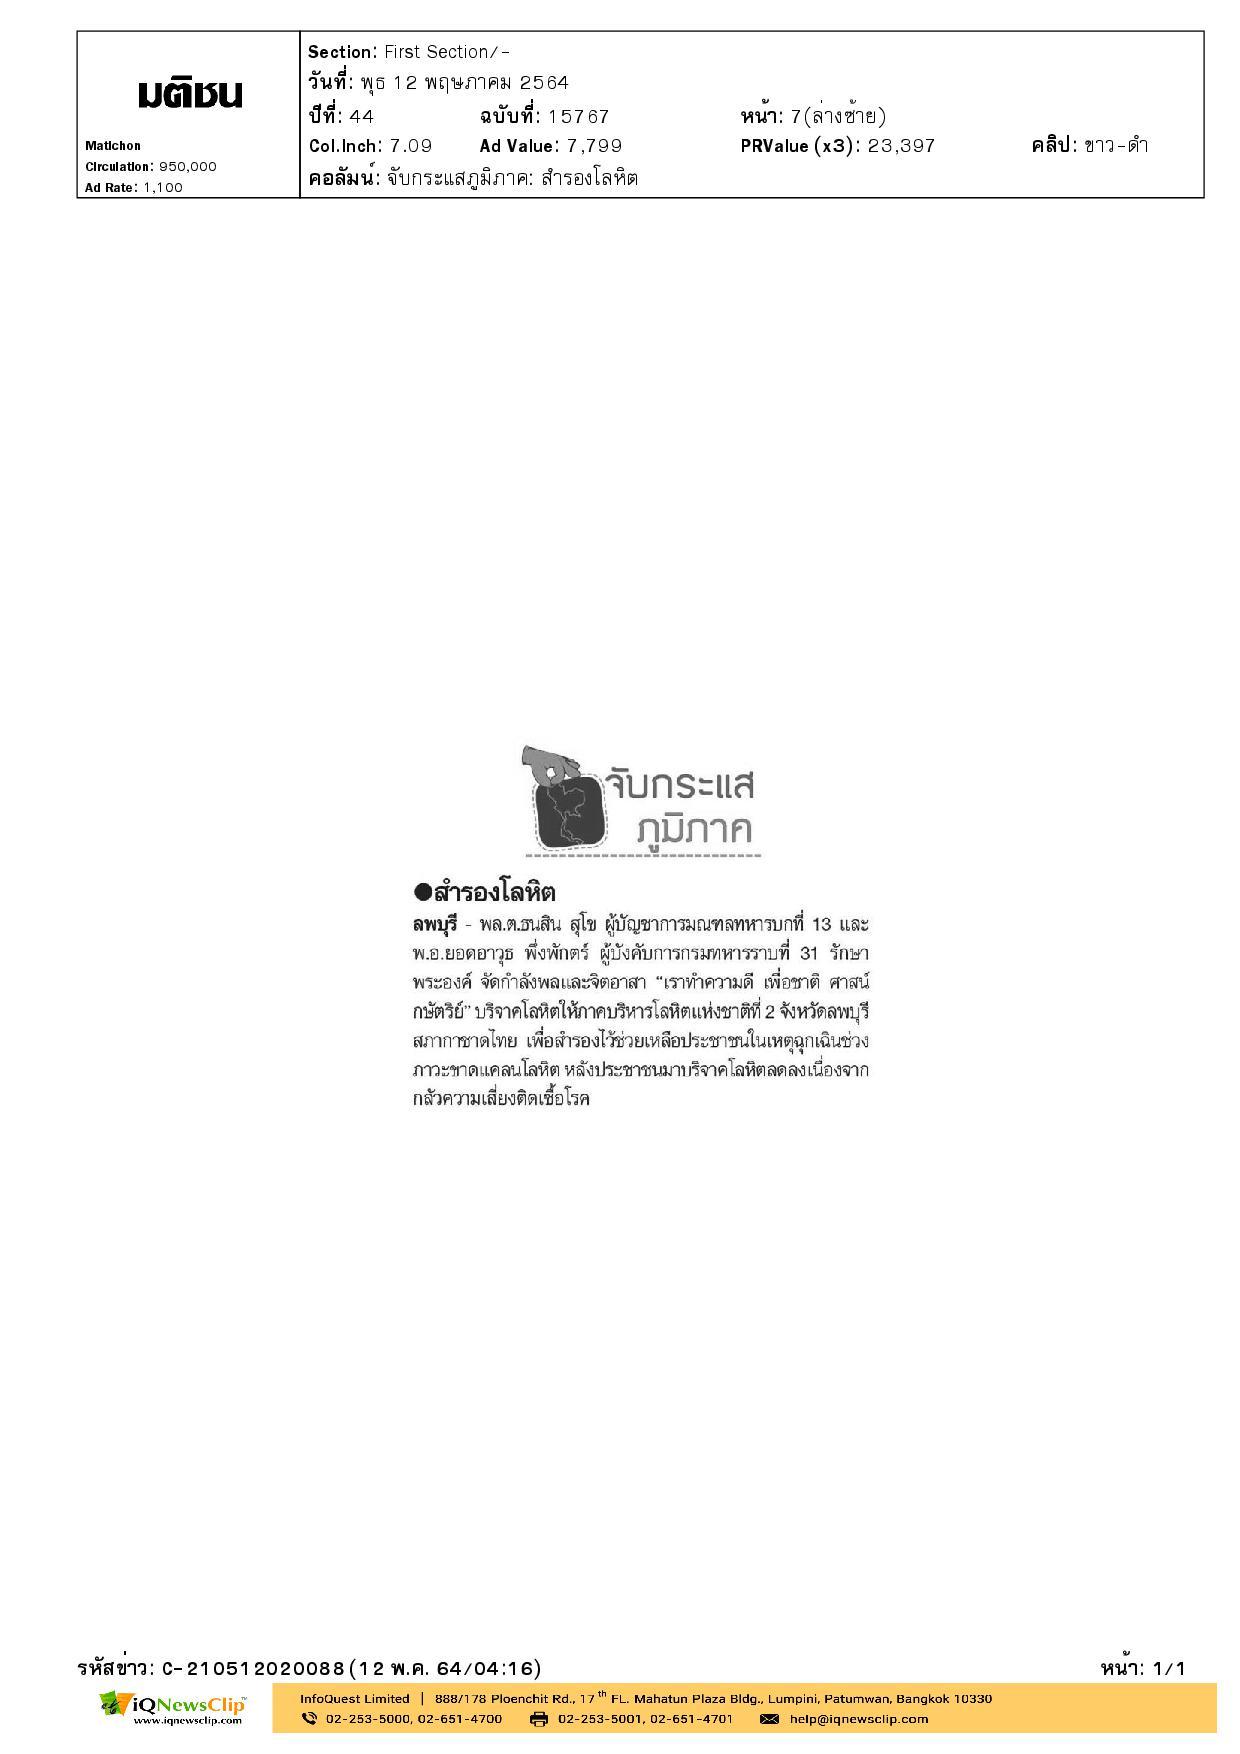 บริจาคโลหิตให้ภาคบริการโลหิตแห่งชาติที่ 2 จ.ลพบุรี